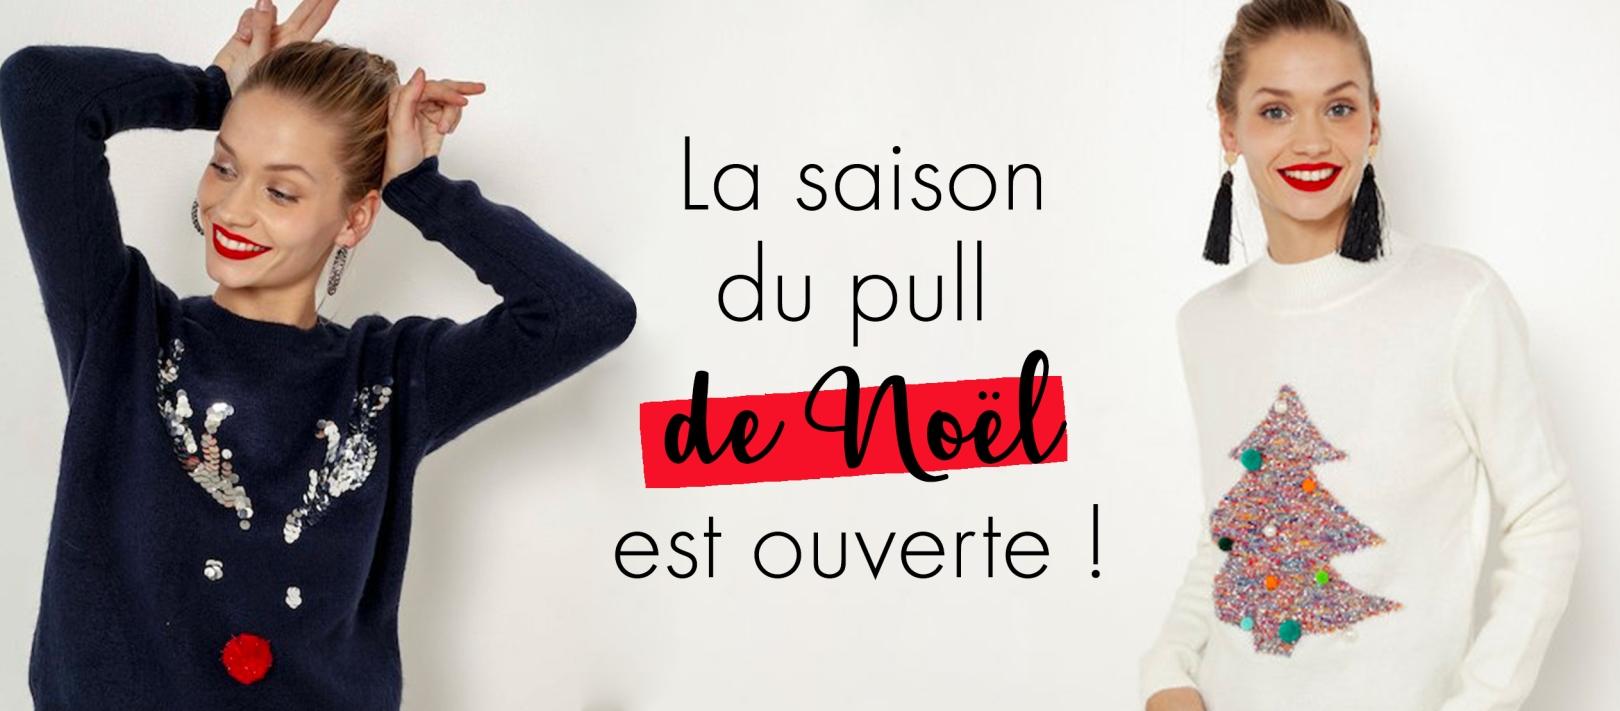 b116d4a48ae La saison du pull de Noël est ouverte ! - webzine Camaïeu